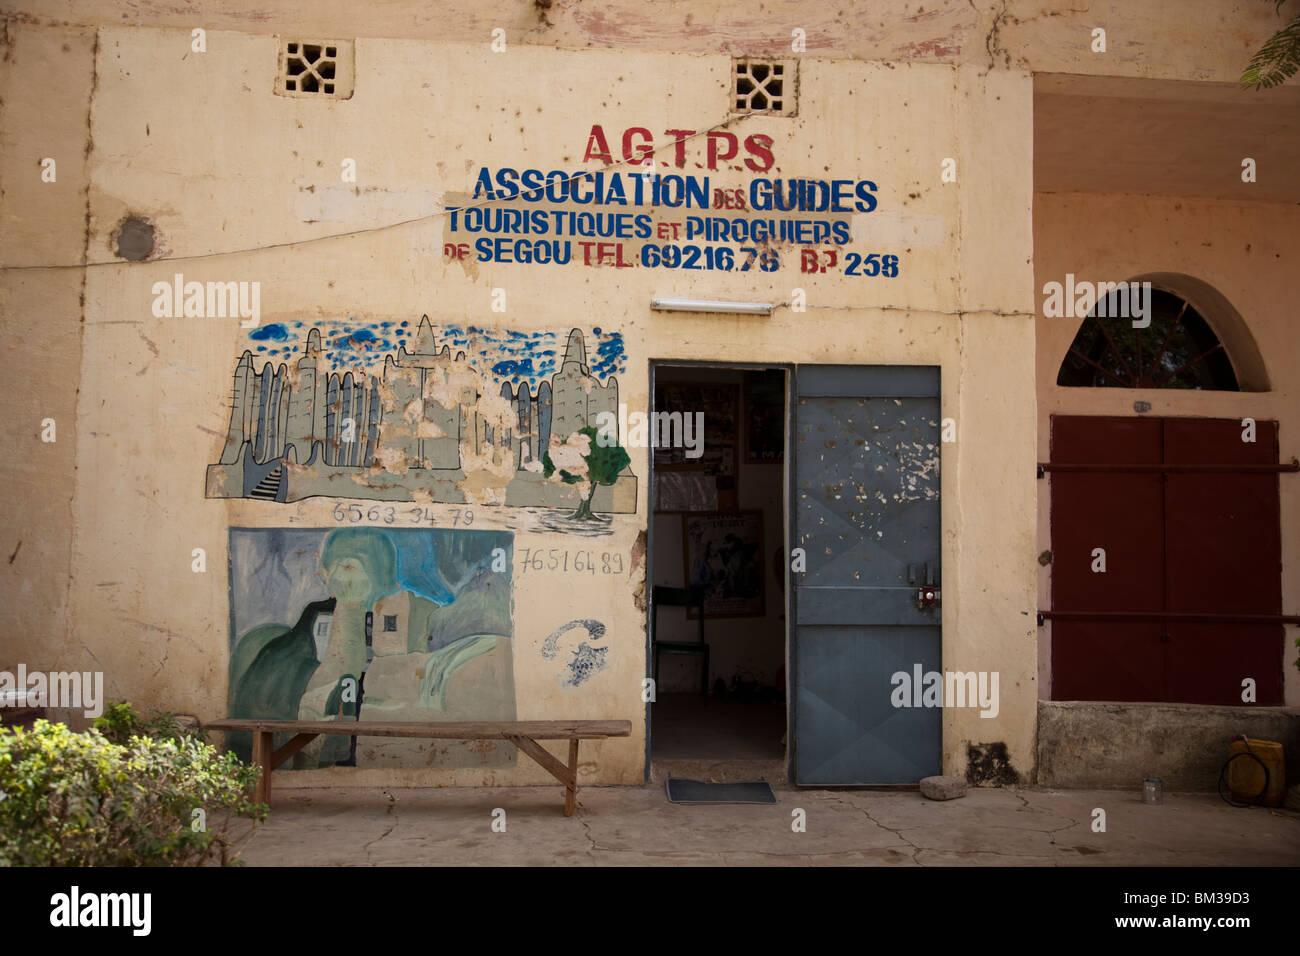 La Asociación de Guías Turísticos y piragüistas ofrece tours de la alfarería de aldea Kalabougou Imagen De Stock